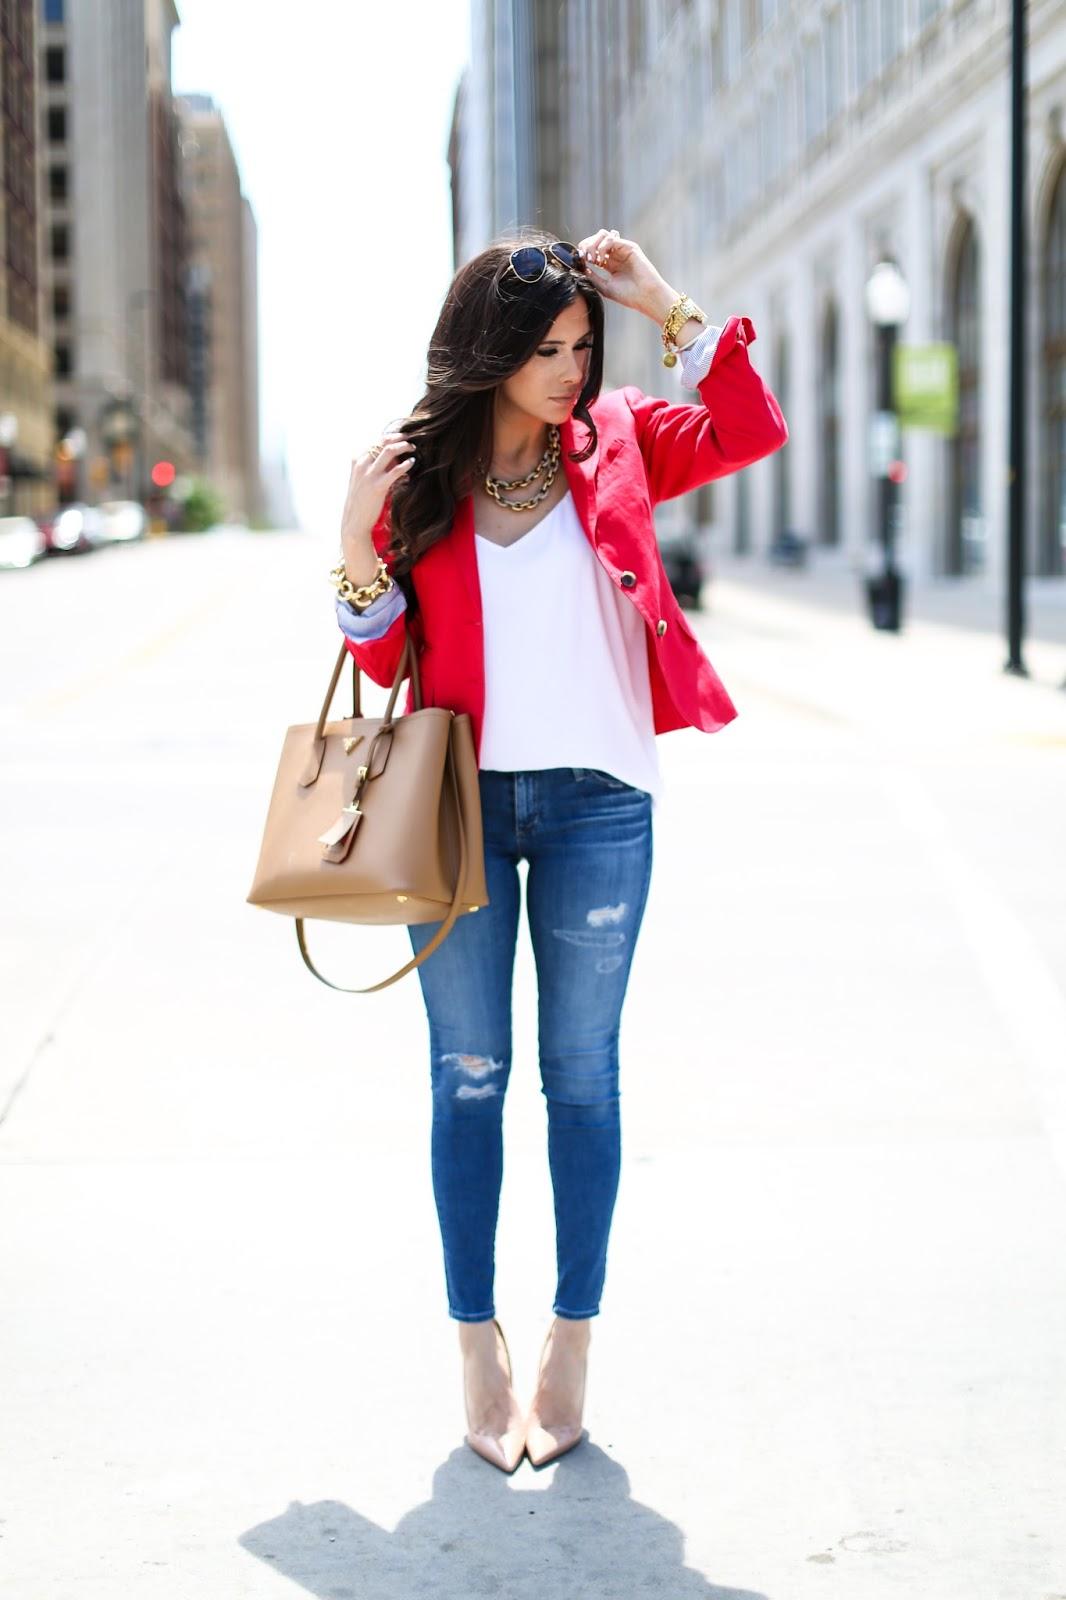 зависимости планировки джинсы с красным пиджаком фото собрали для вас